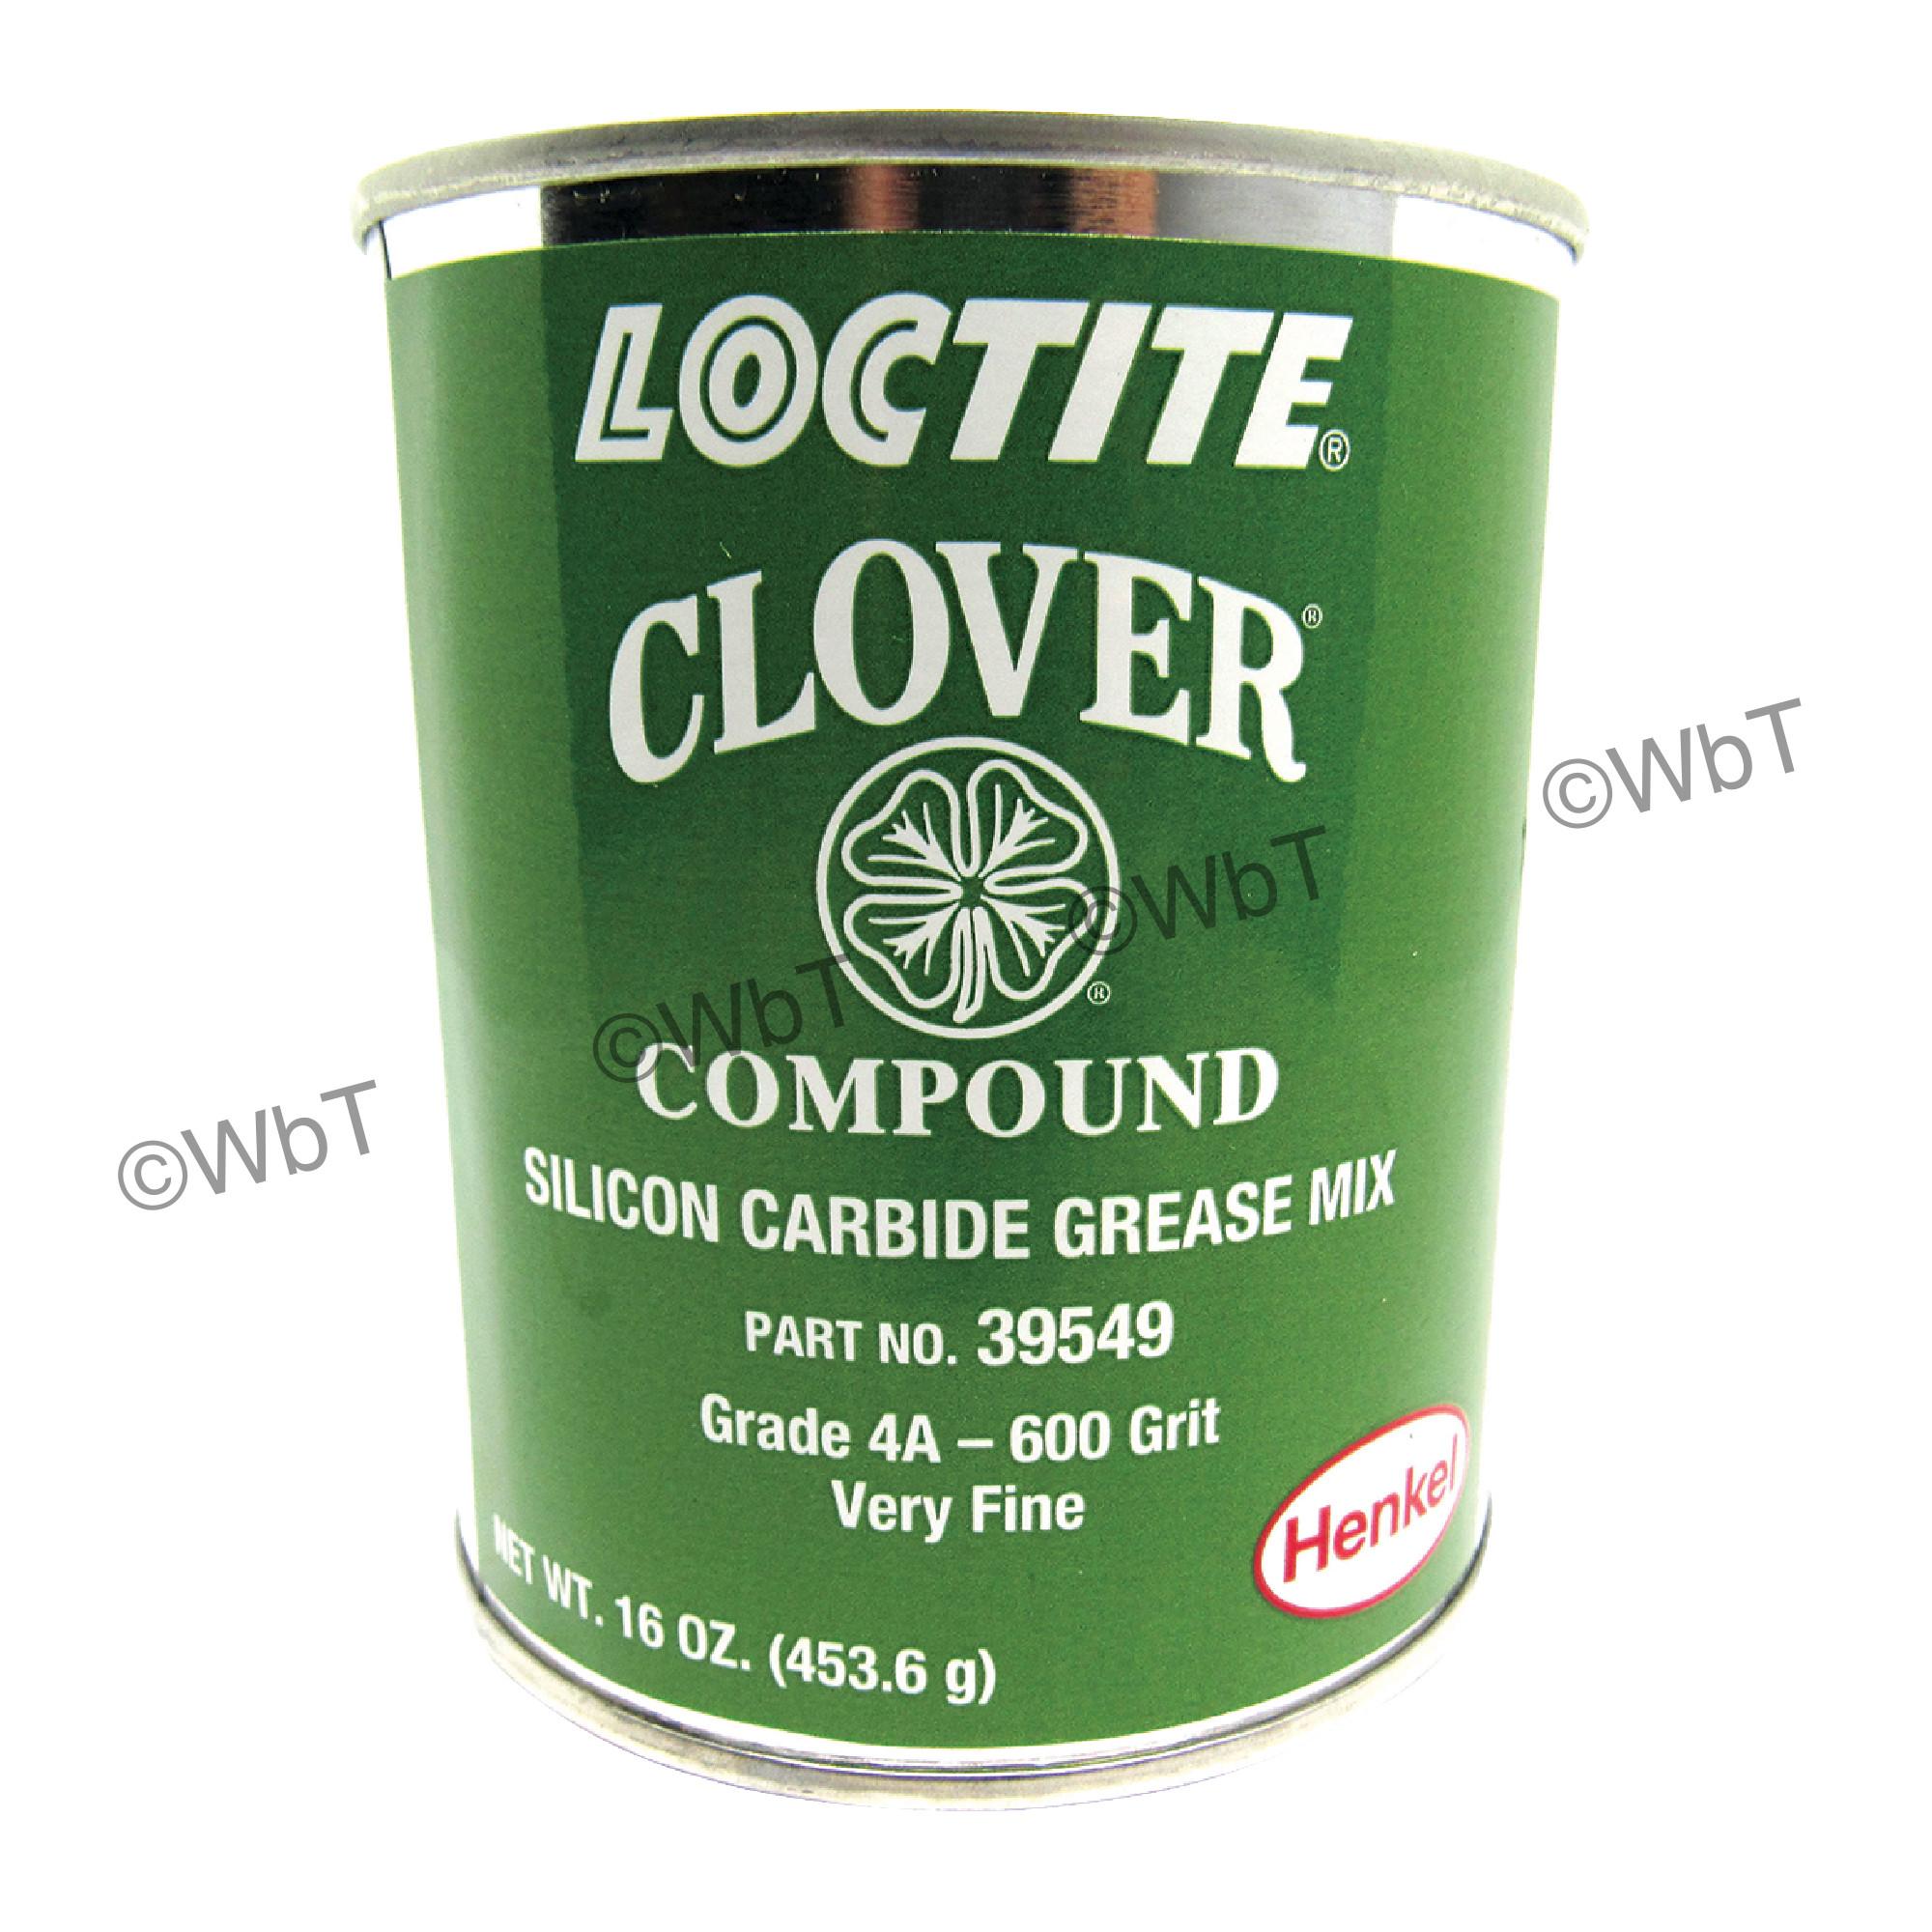 Clover® Silicon Carbide Grease Mix